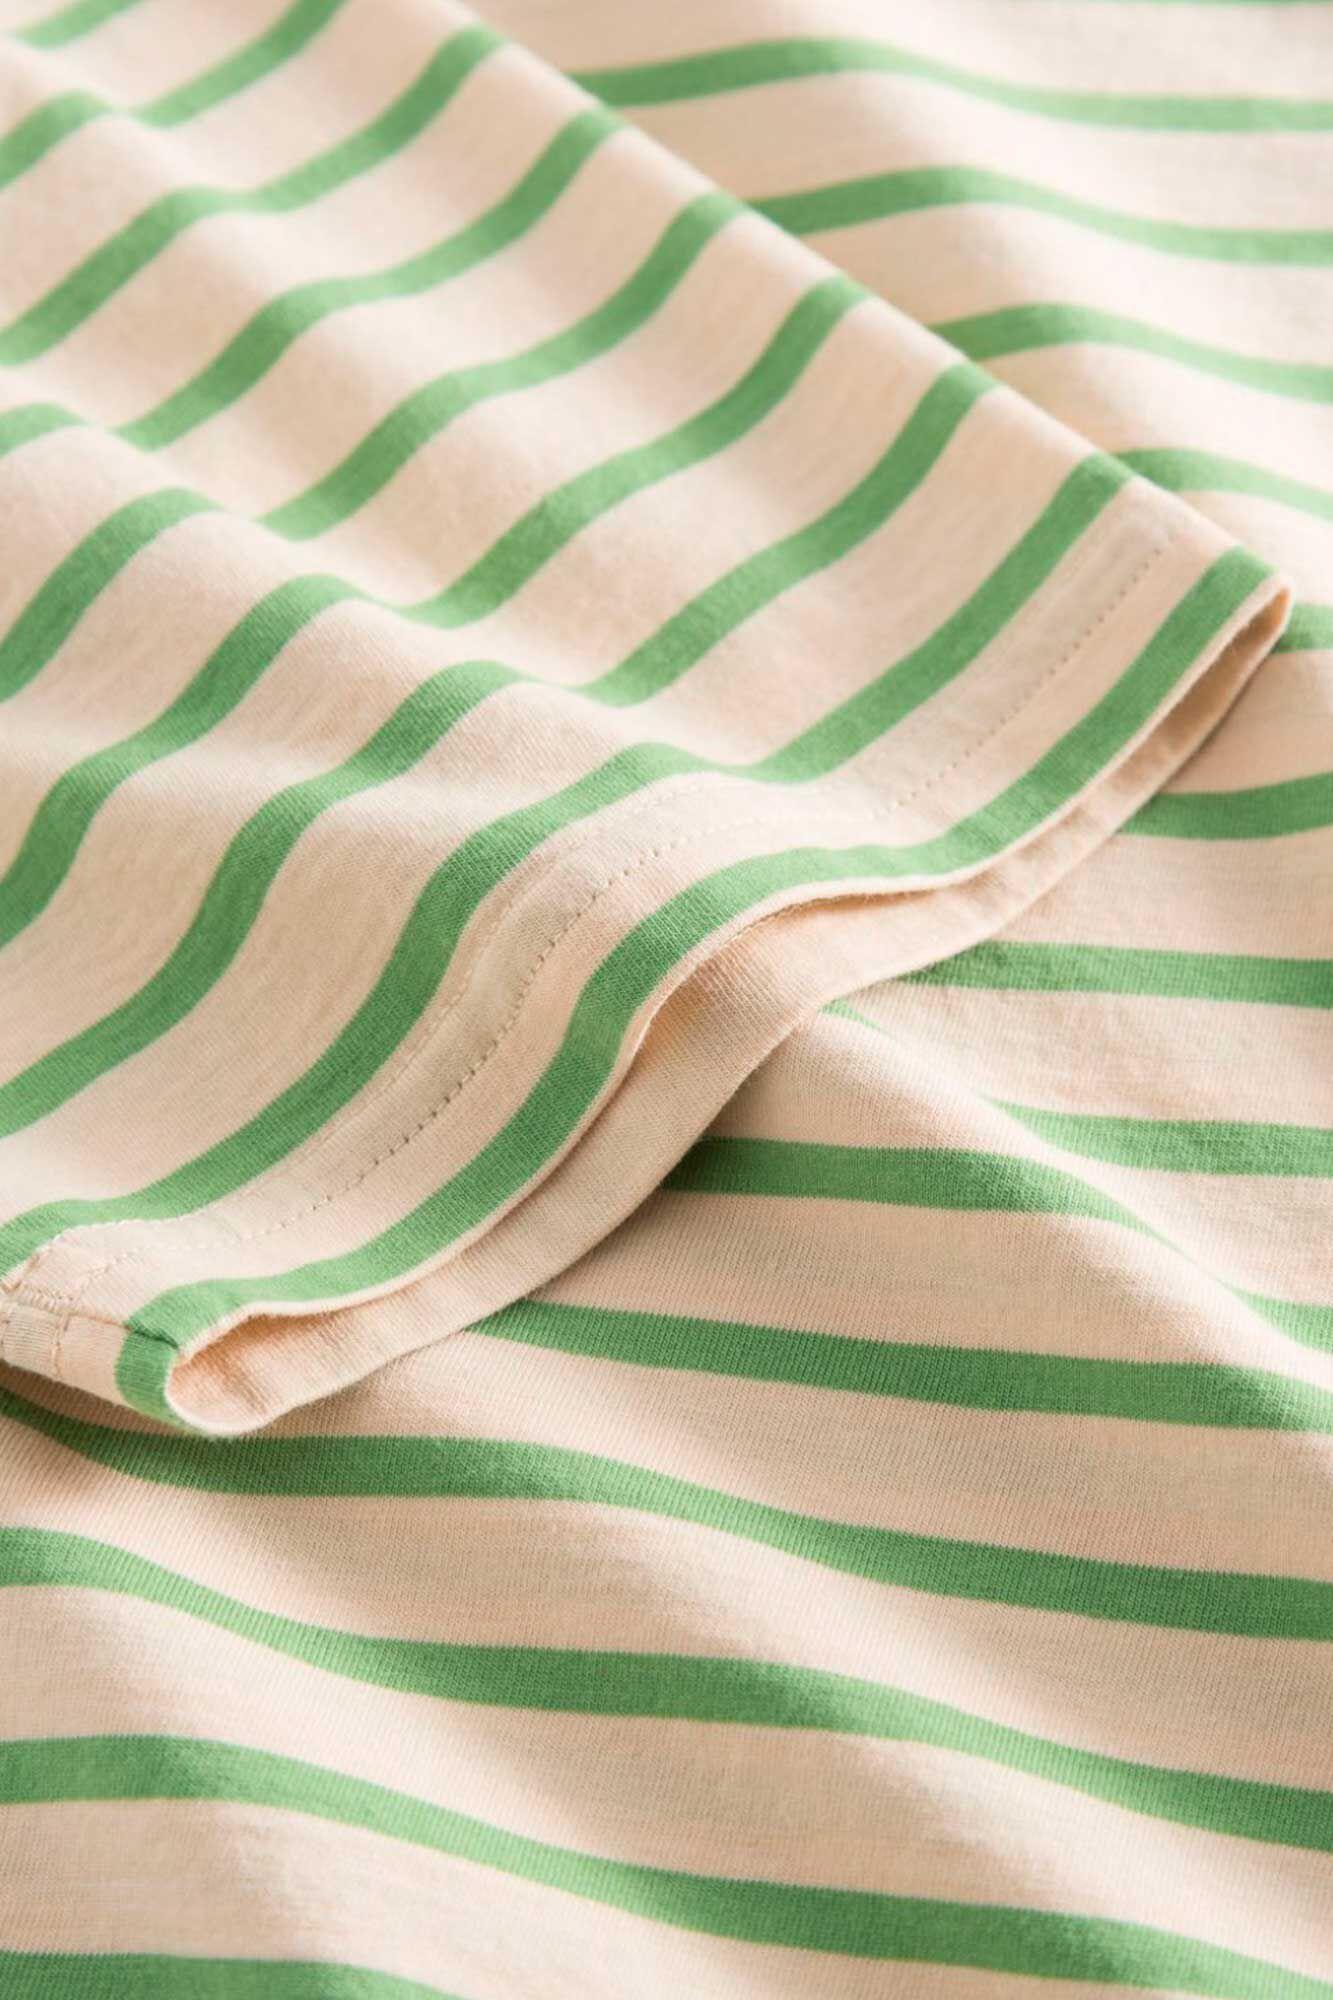 Uma t-shirt 10922500-2222, OFF-WHITE/GREEN STRIPES